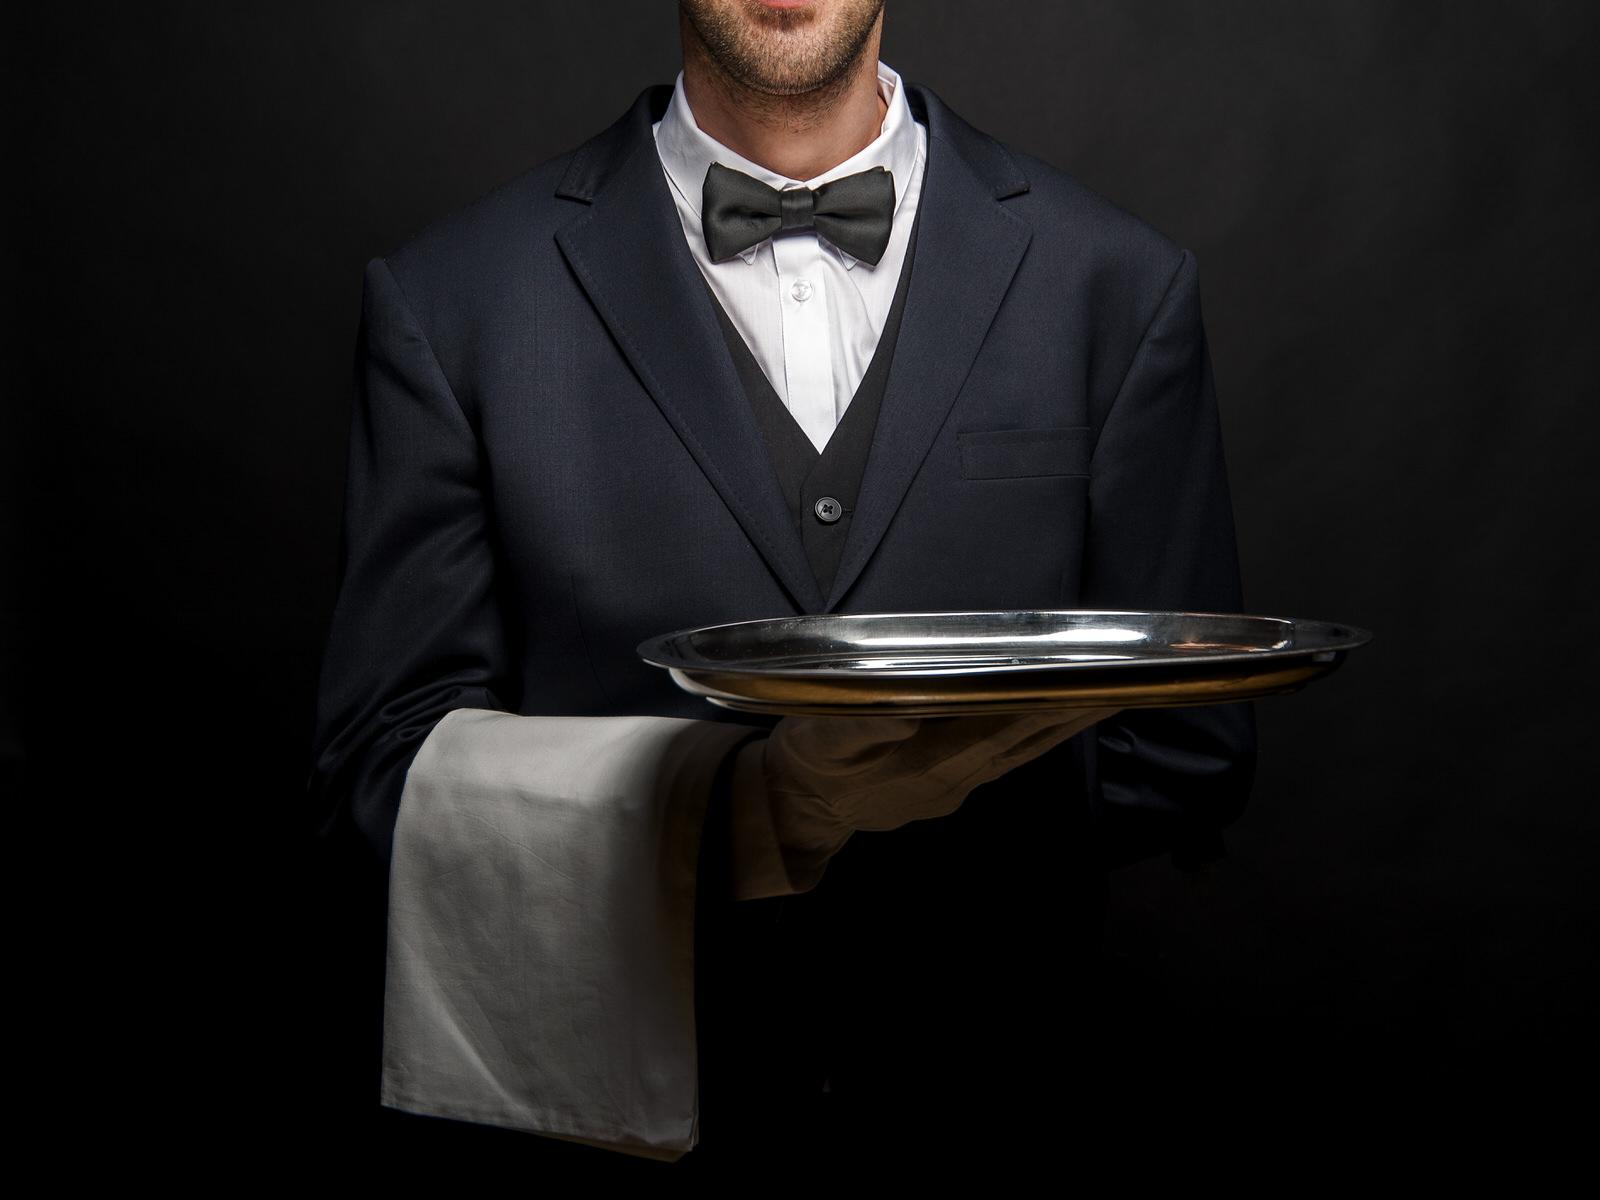 iServe Concierge Service